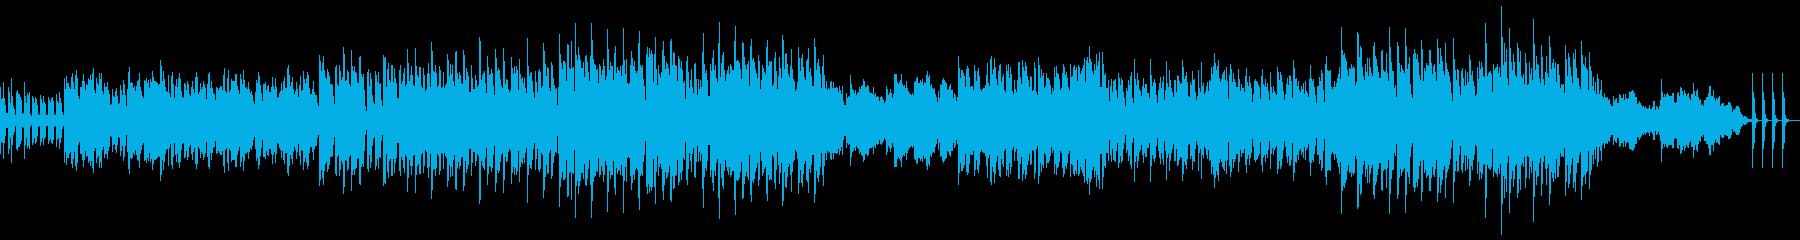 壮大なバラードの再生済みの波形